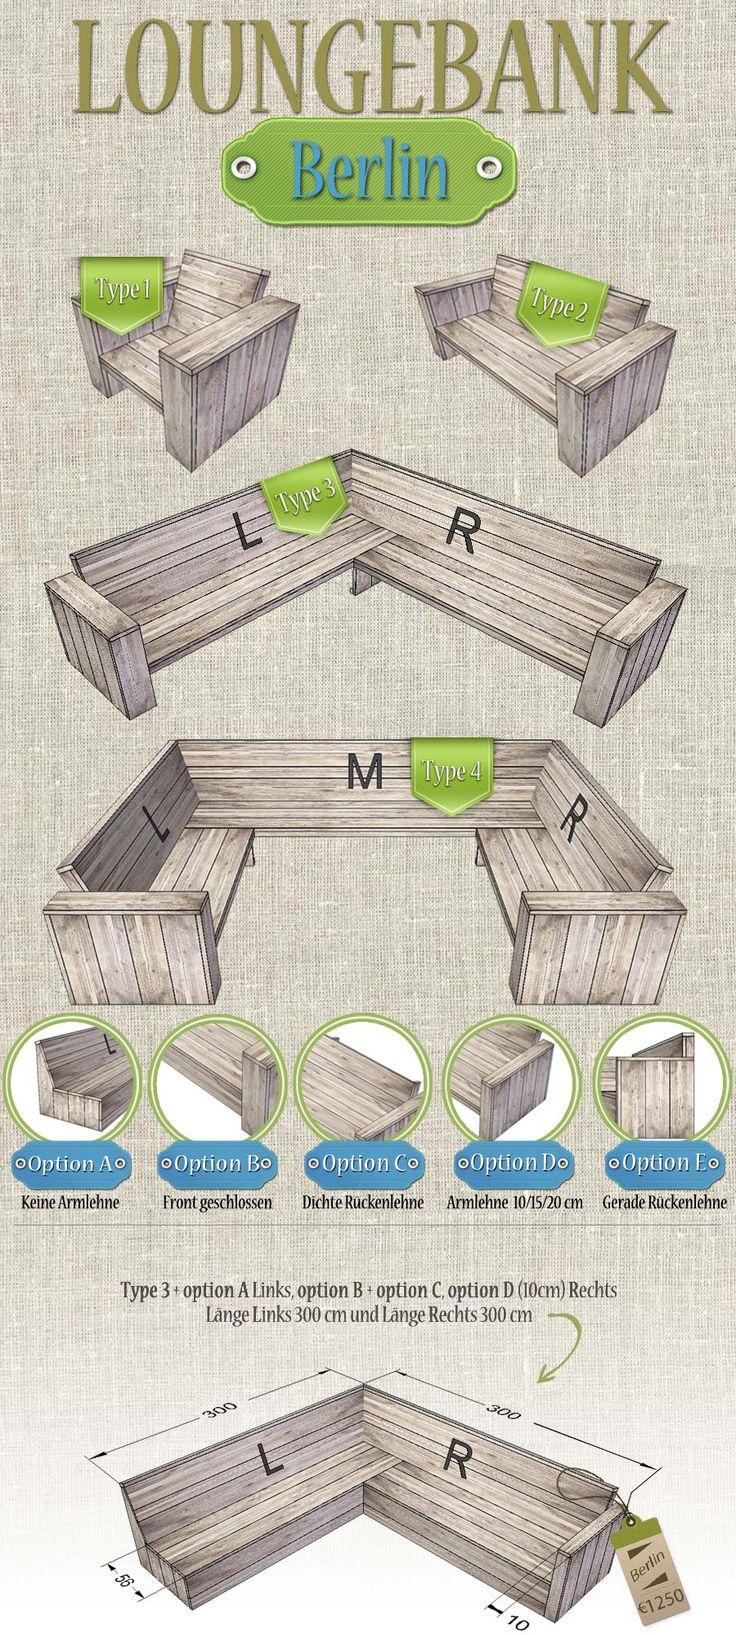 Wir Stellen Unsere Bauholz Möbel Aus Verwendeten Und Neuen Bauholz Her.  Bauholz Bekommt Beim Hau (Diy Patio Sofa)